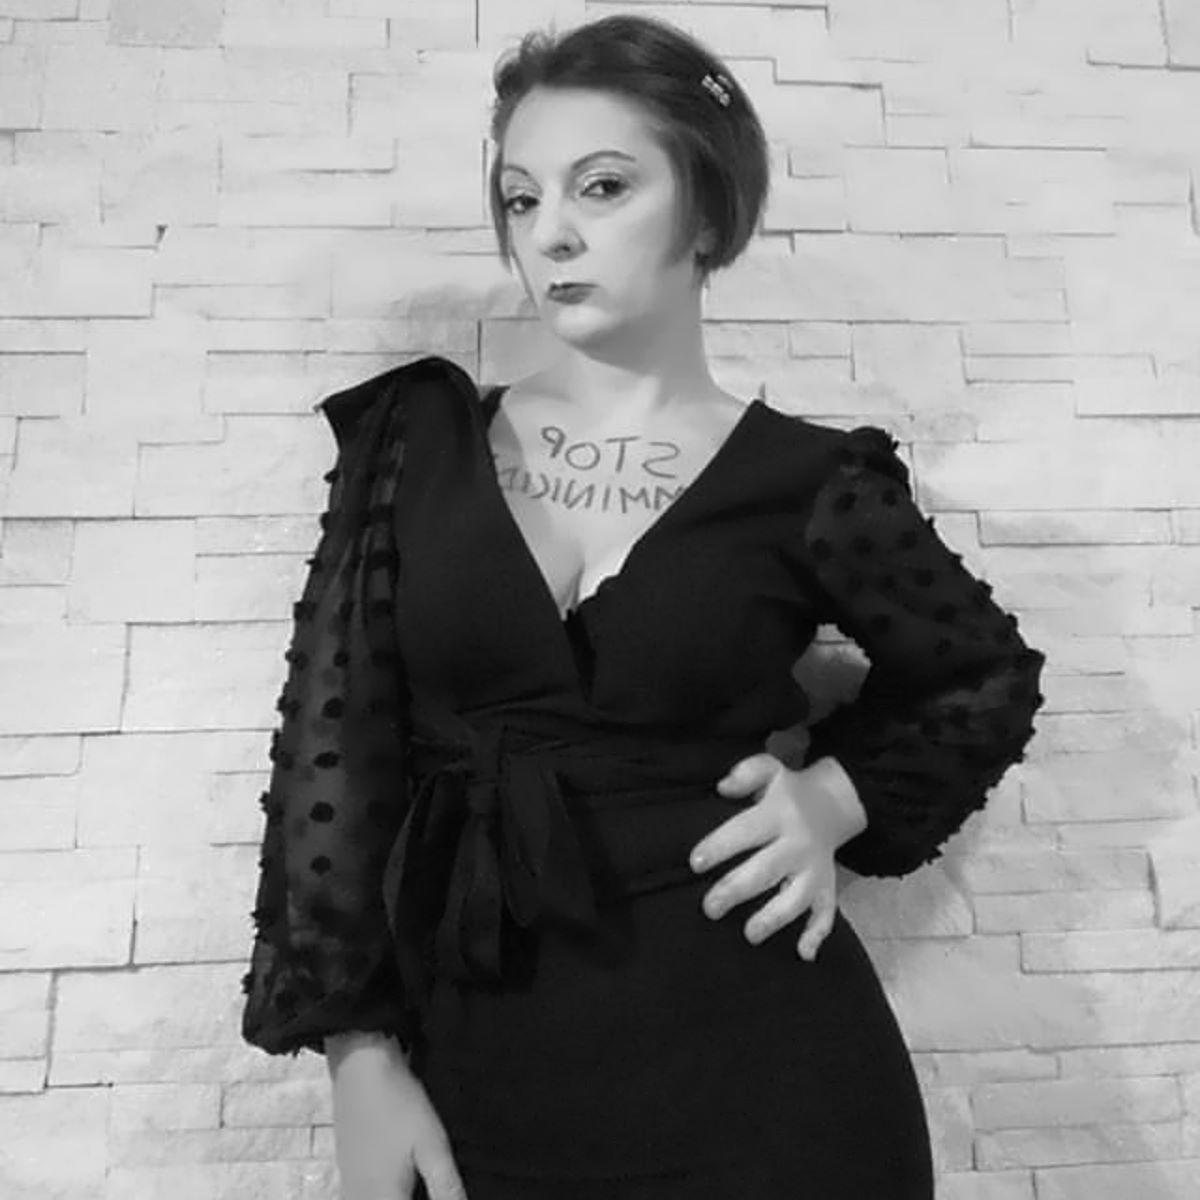 Dai successi letterari all'esordio come autrice nel cinema: l'impegno di Arianna Frattini a tutela del ruolo della donna nella società